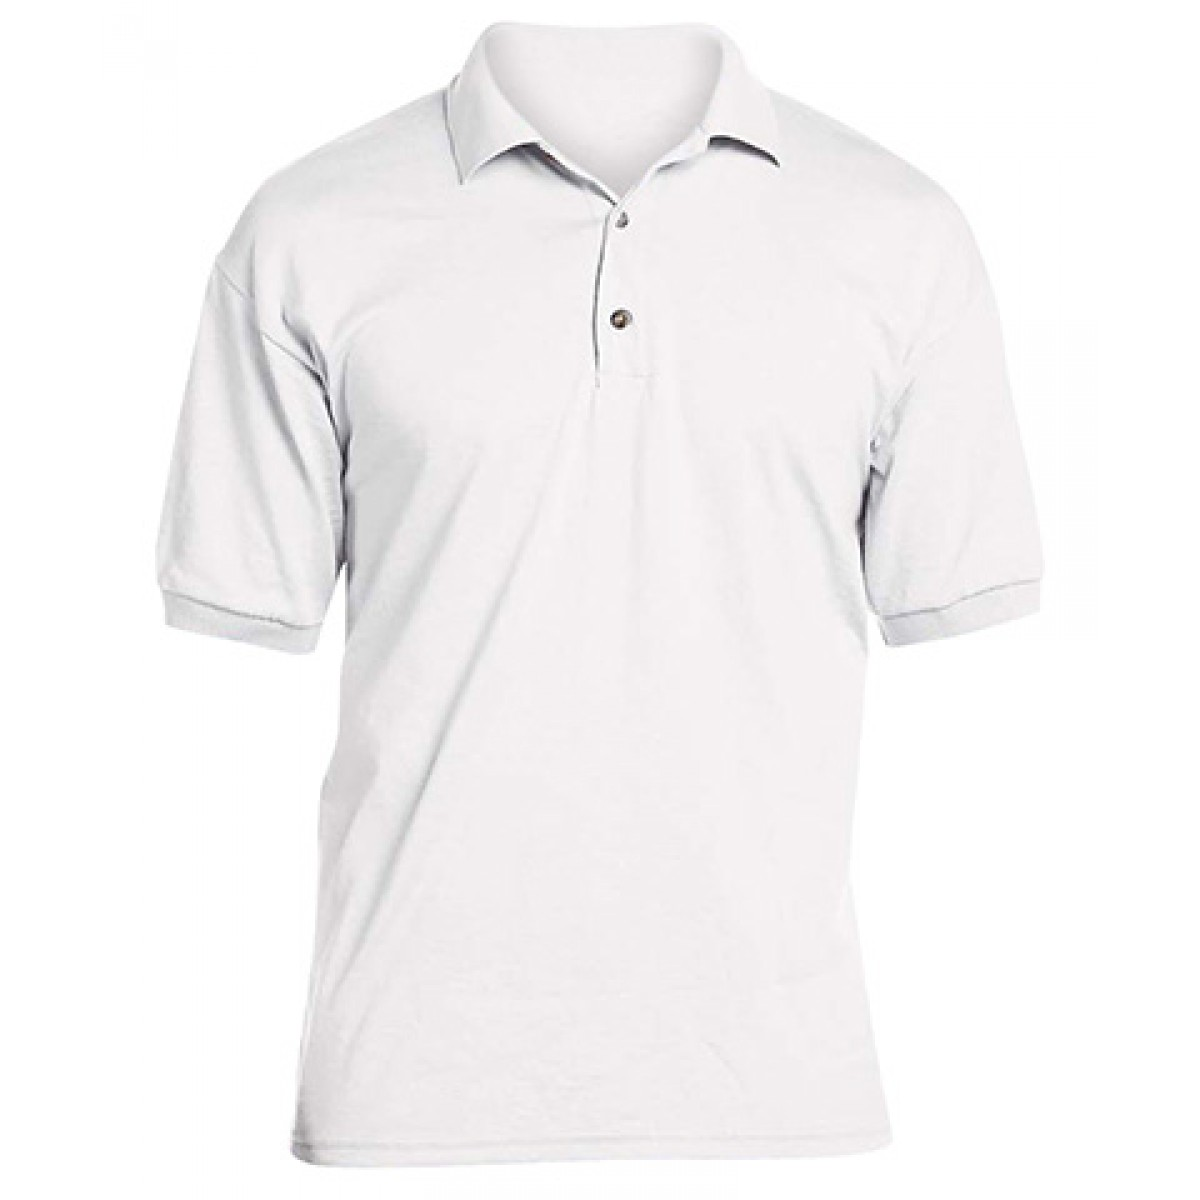 Jersey Polo 50/50 -White-L